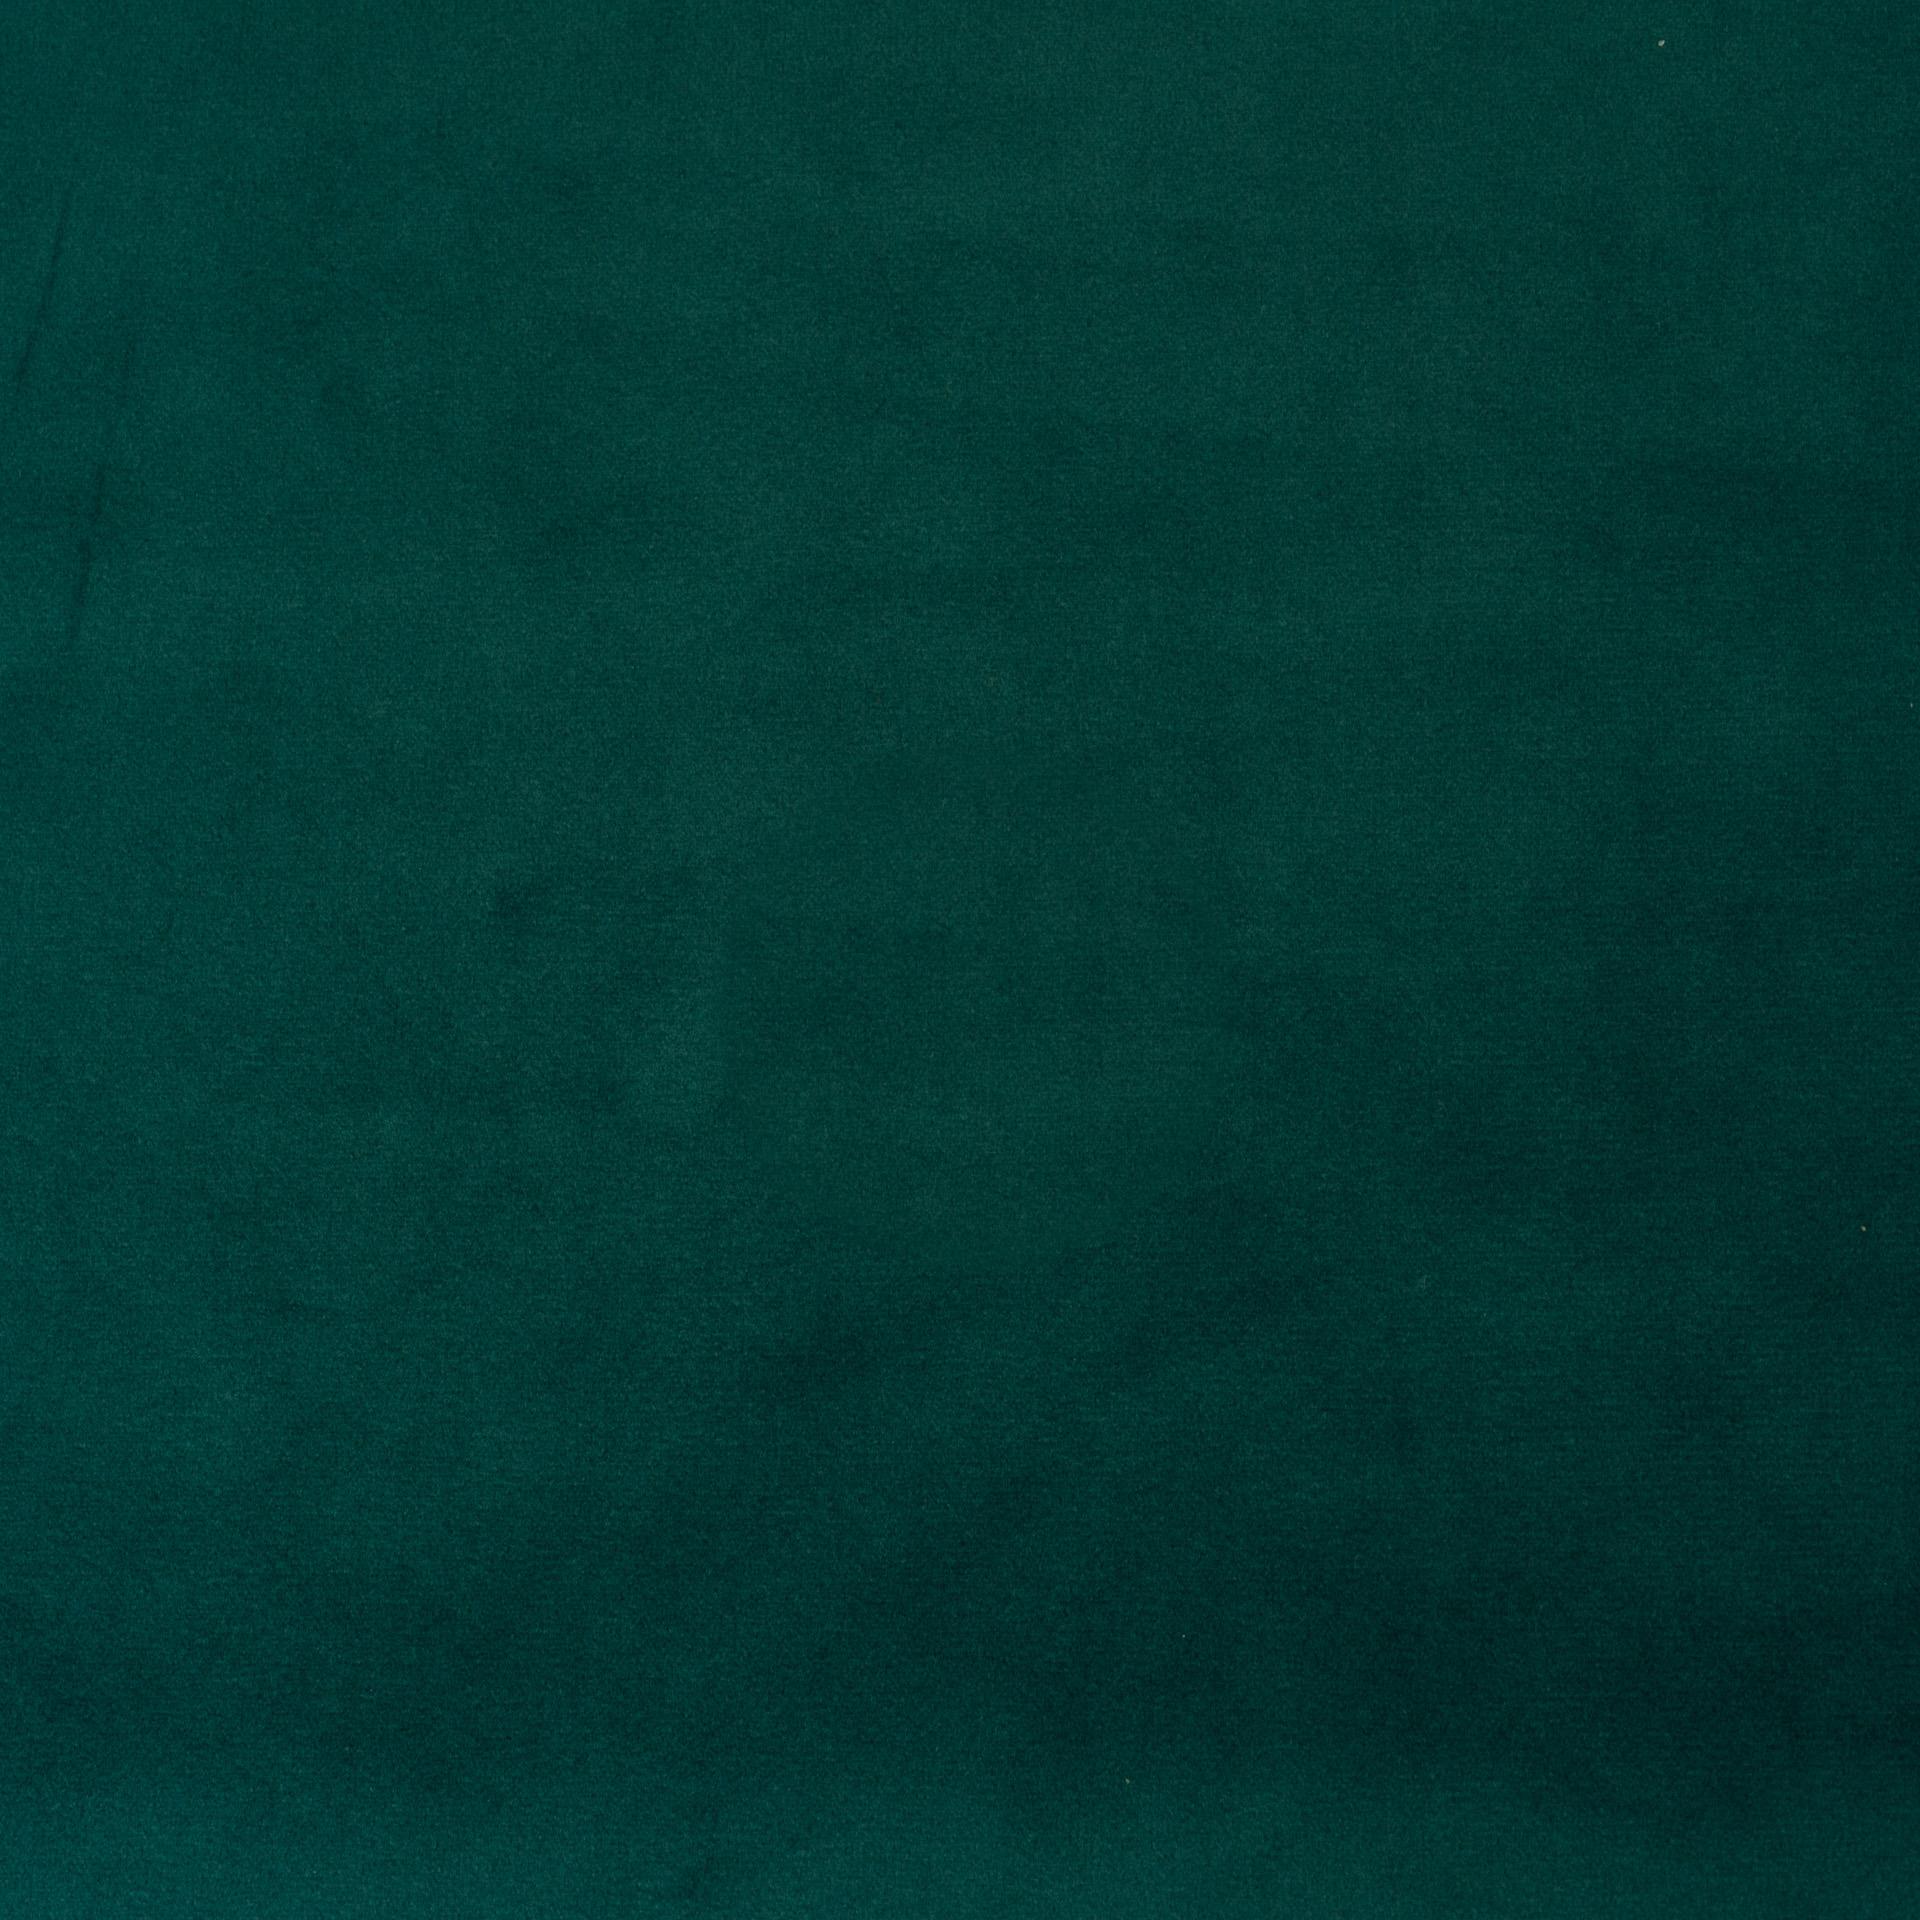 Коллекция ткани Альмира 10 EMERALD,  купить ткань Велюр для мебели Украина